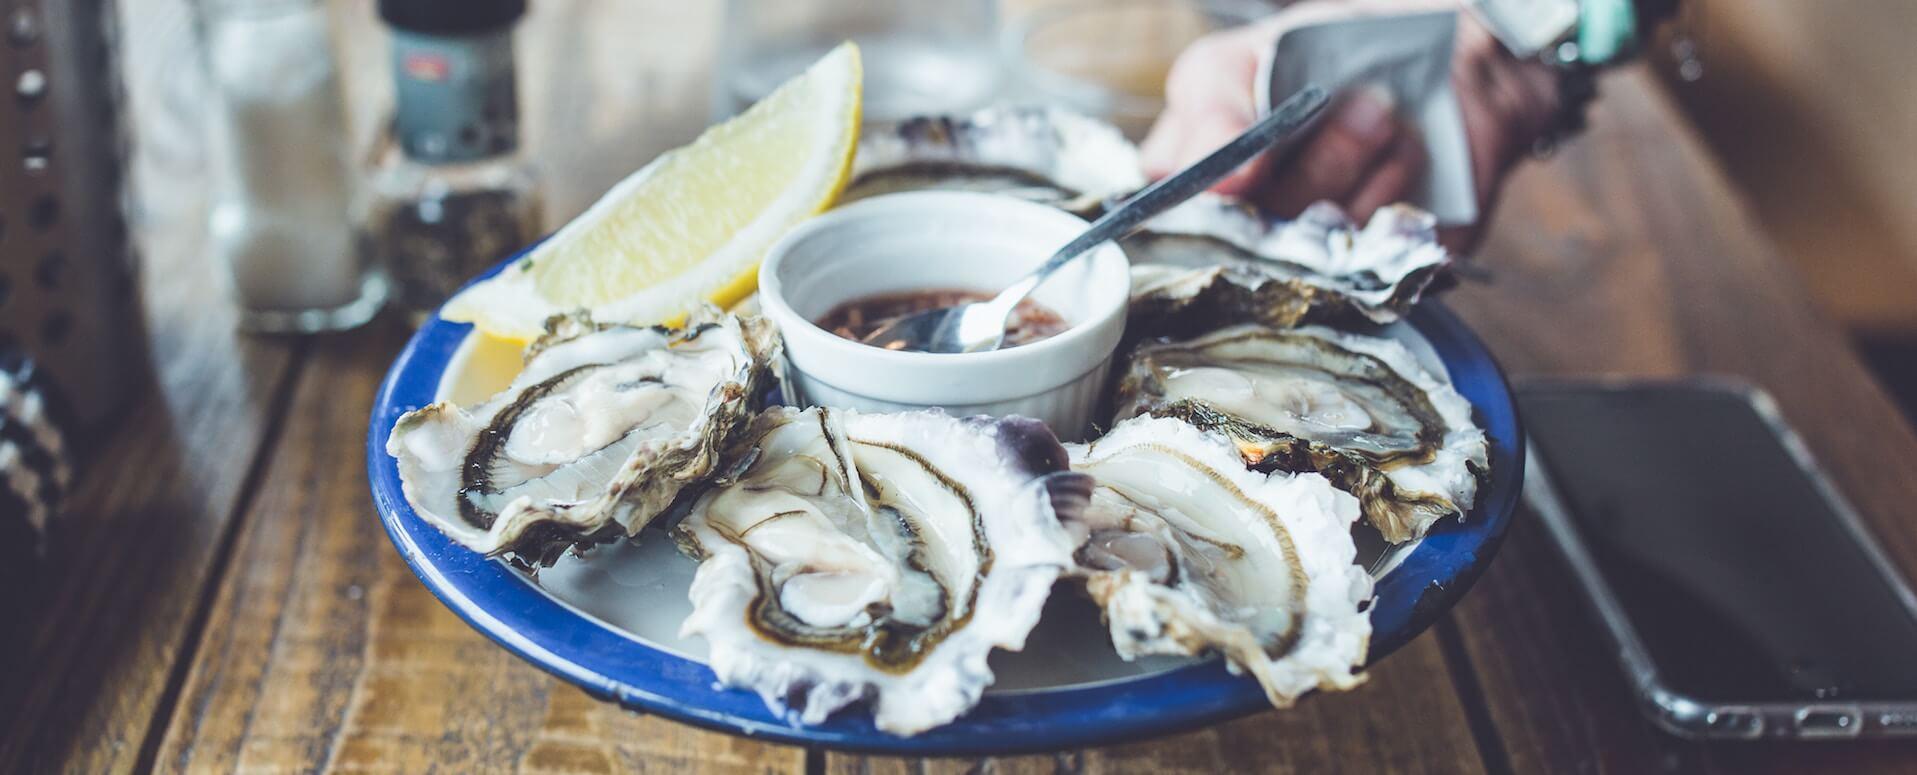 Découvrez nos meilleures adresses pour savourer un délicieux repas sur l'Île de Ré - Île de Ré